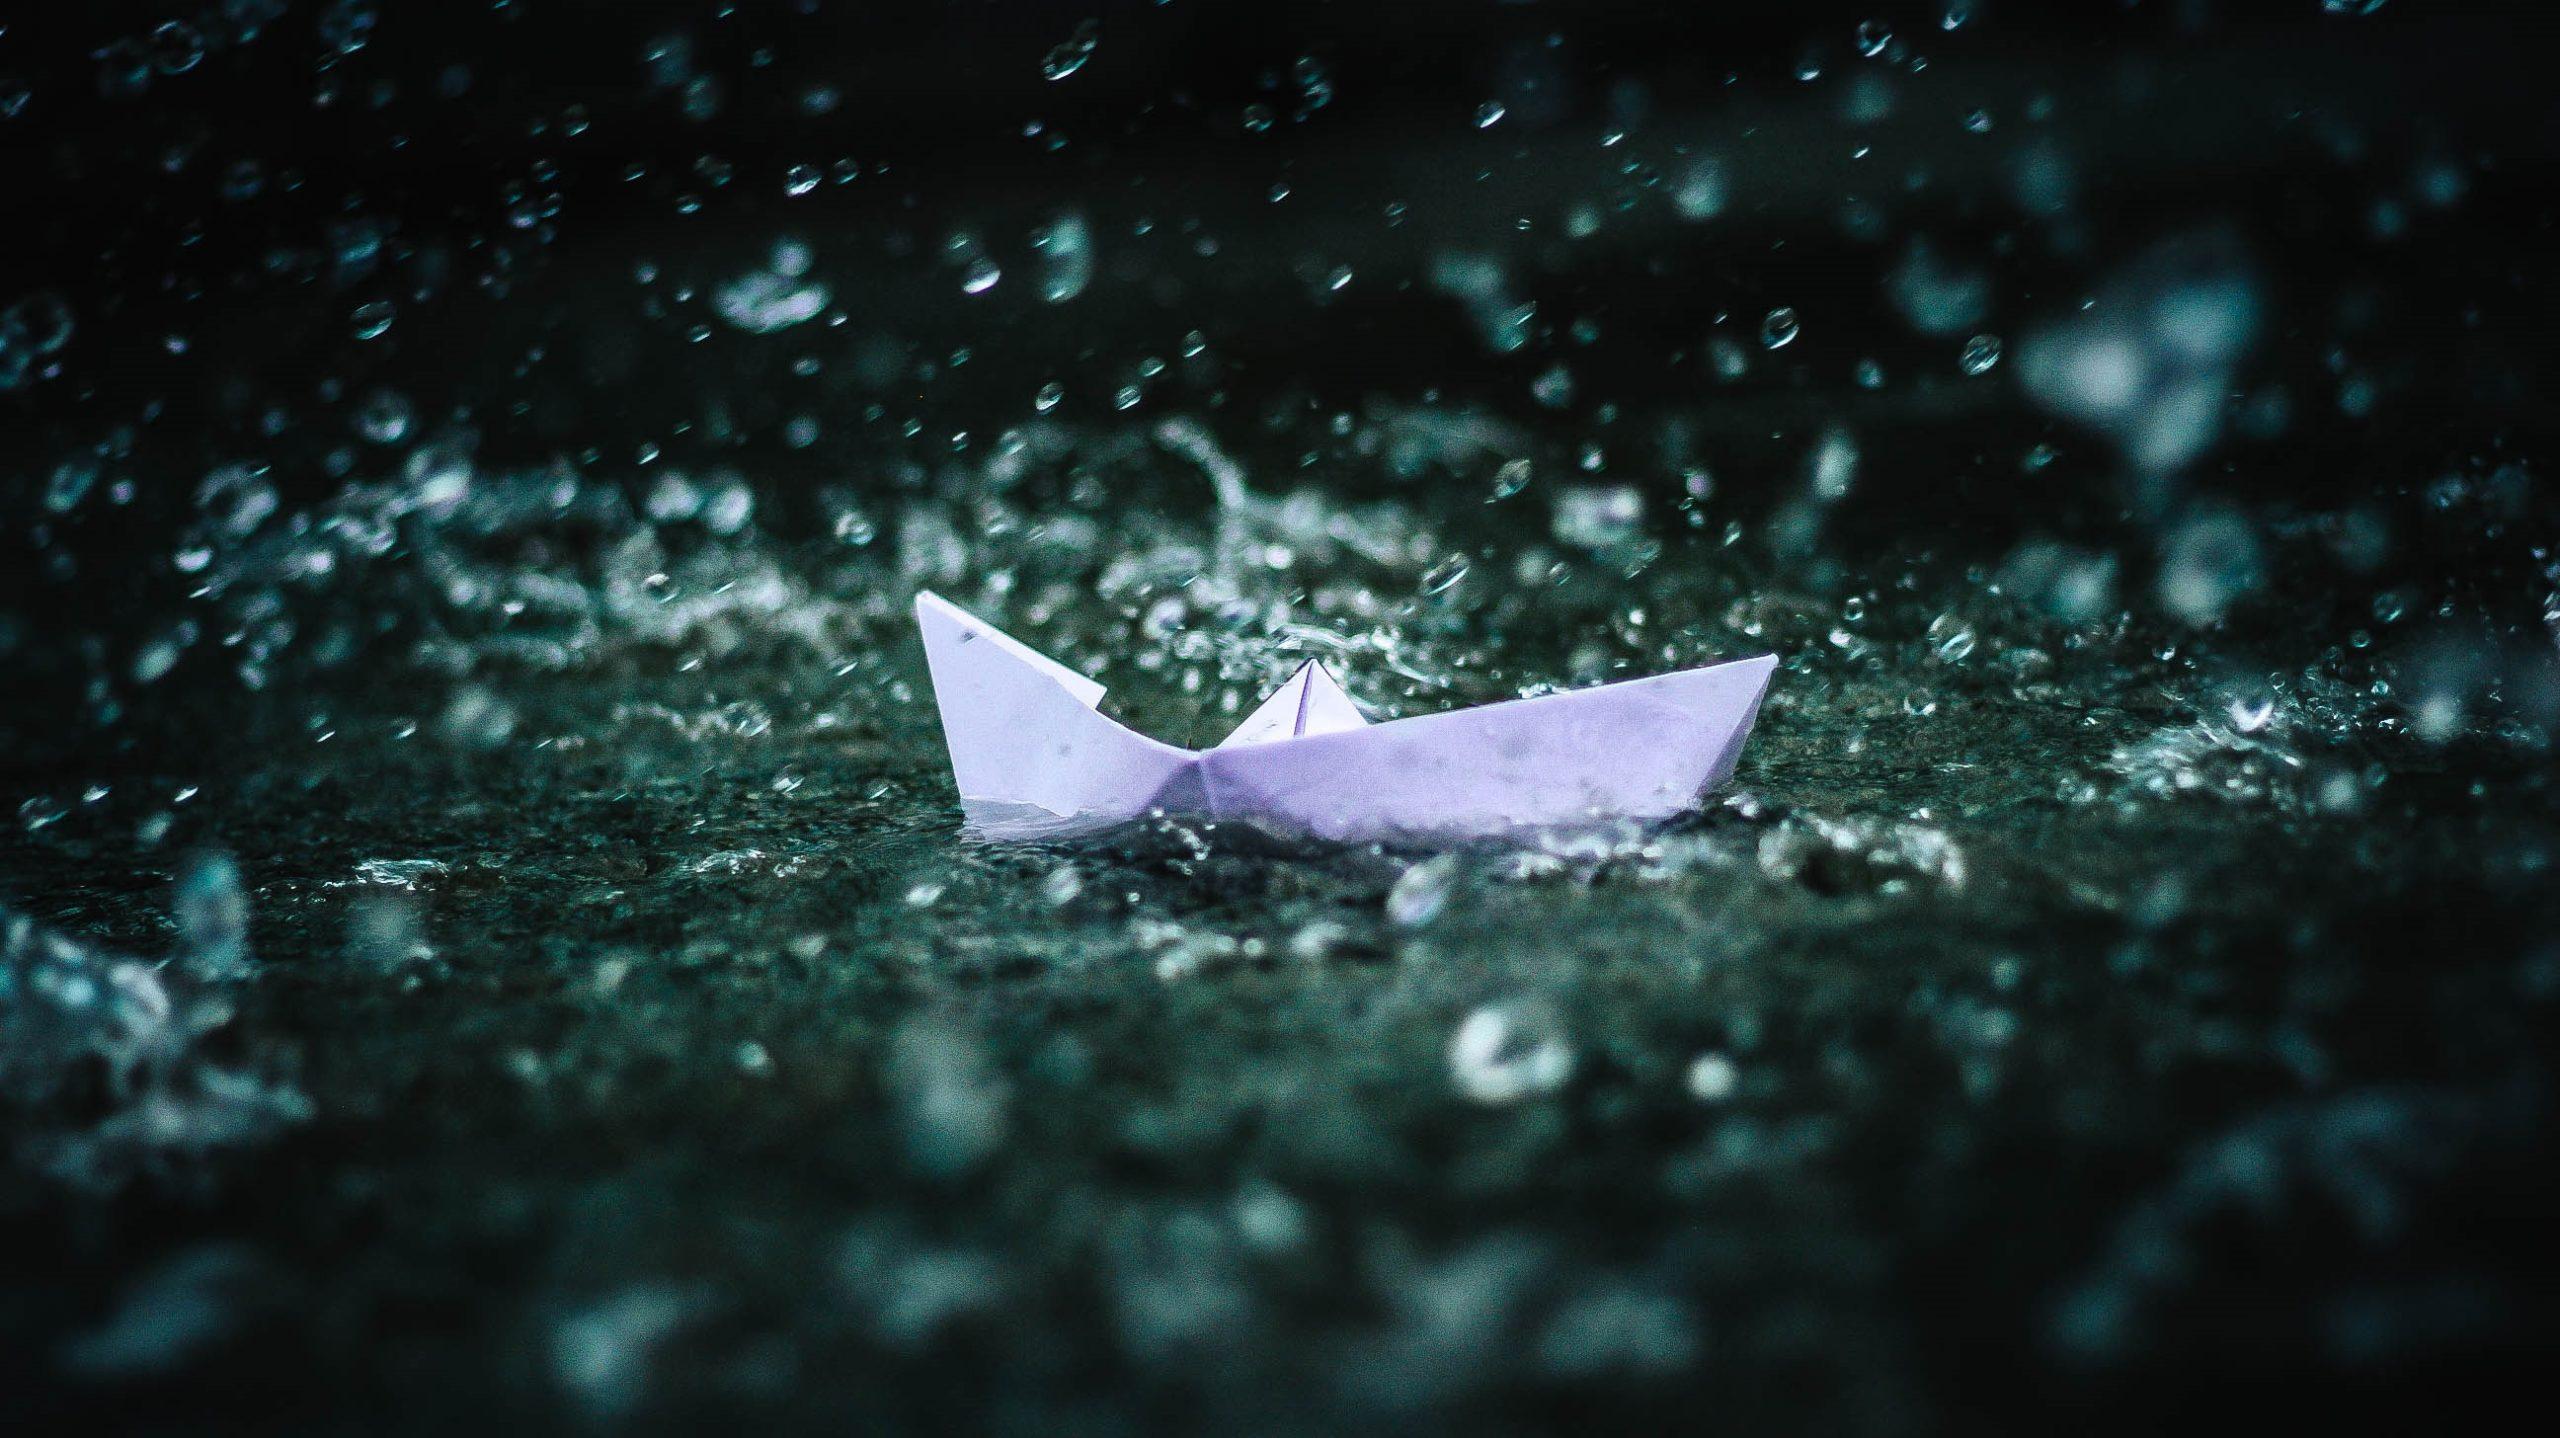 Bateau en papier flottant dans l'eau.